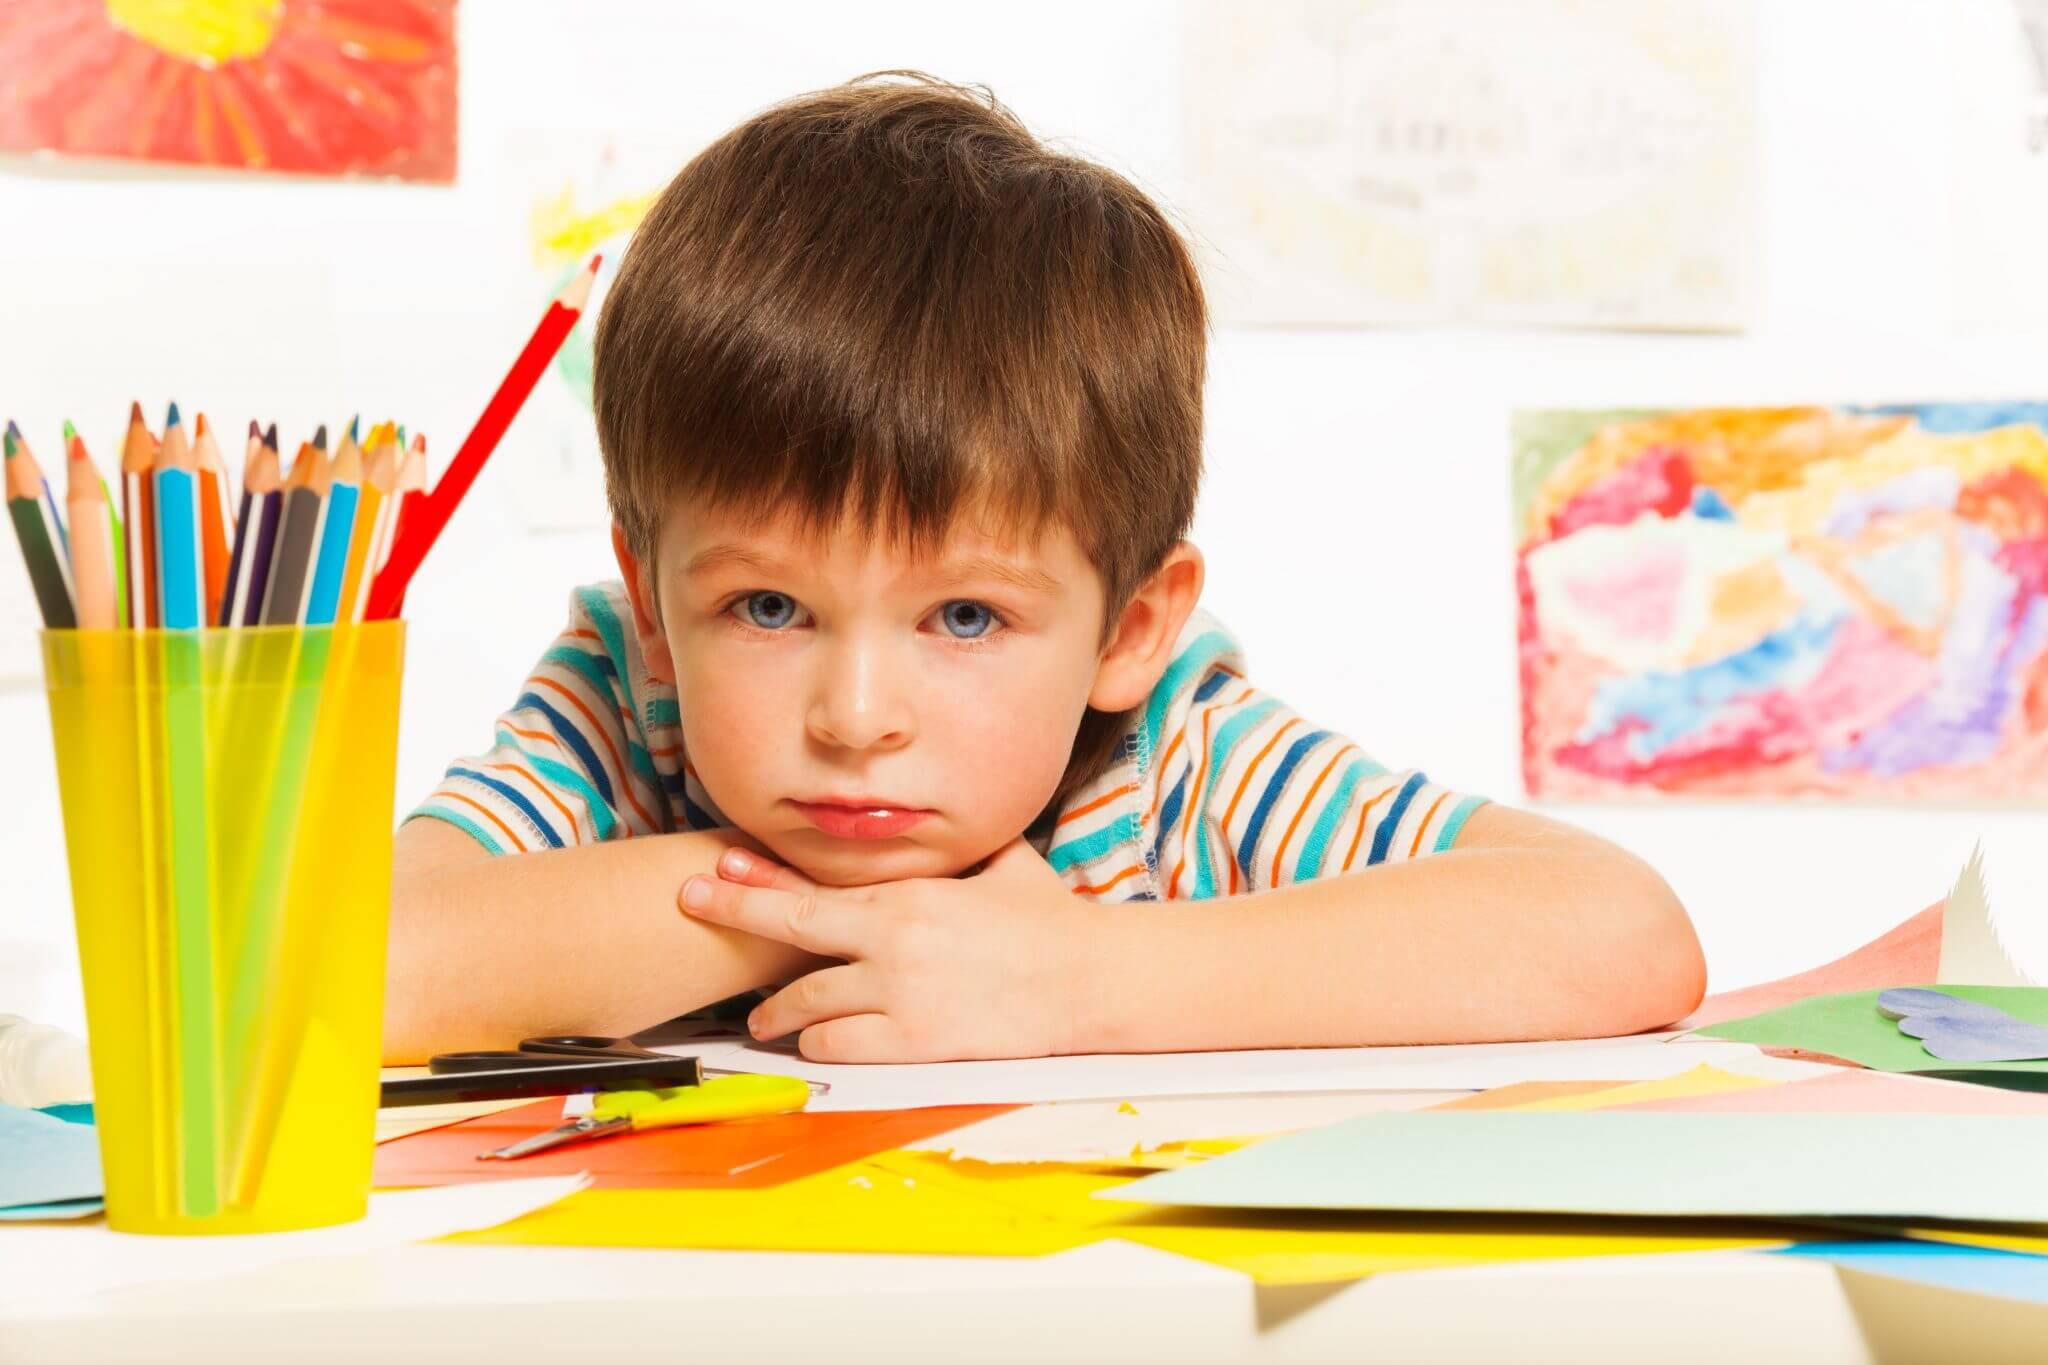 Quais são os sinais de atraso no desenvolvimento da fala de uma criança?